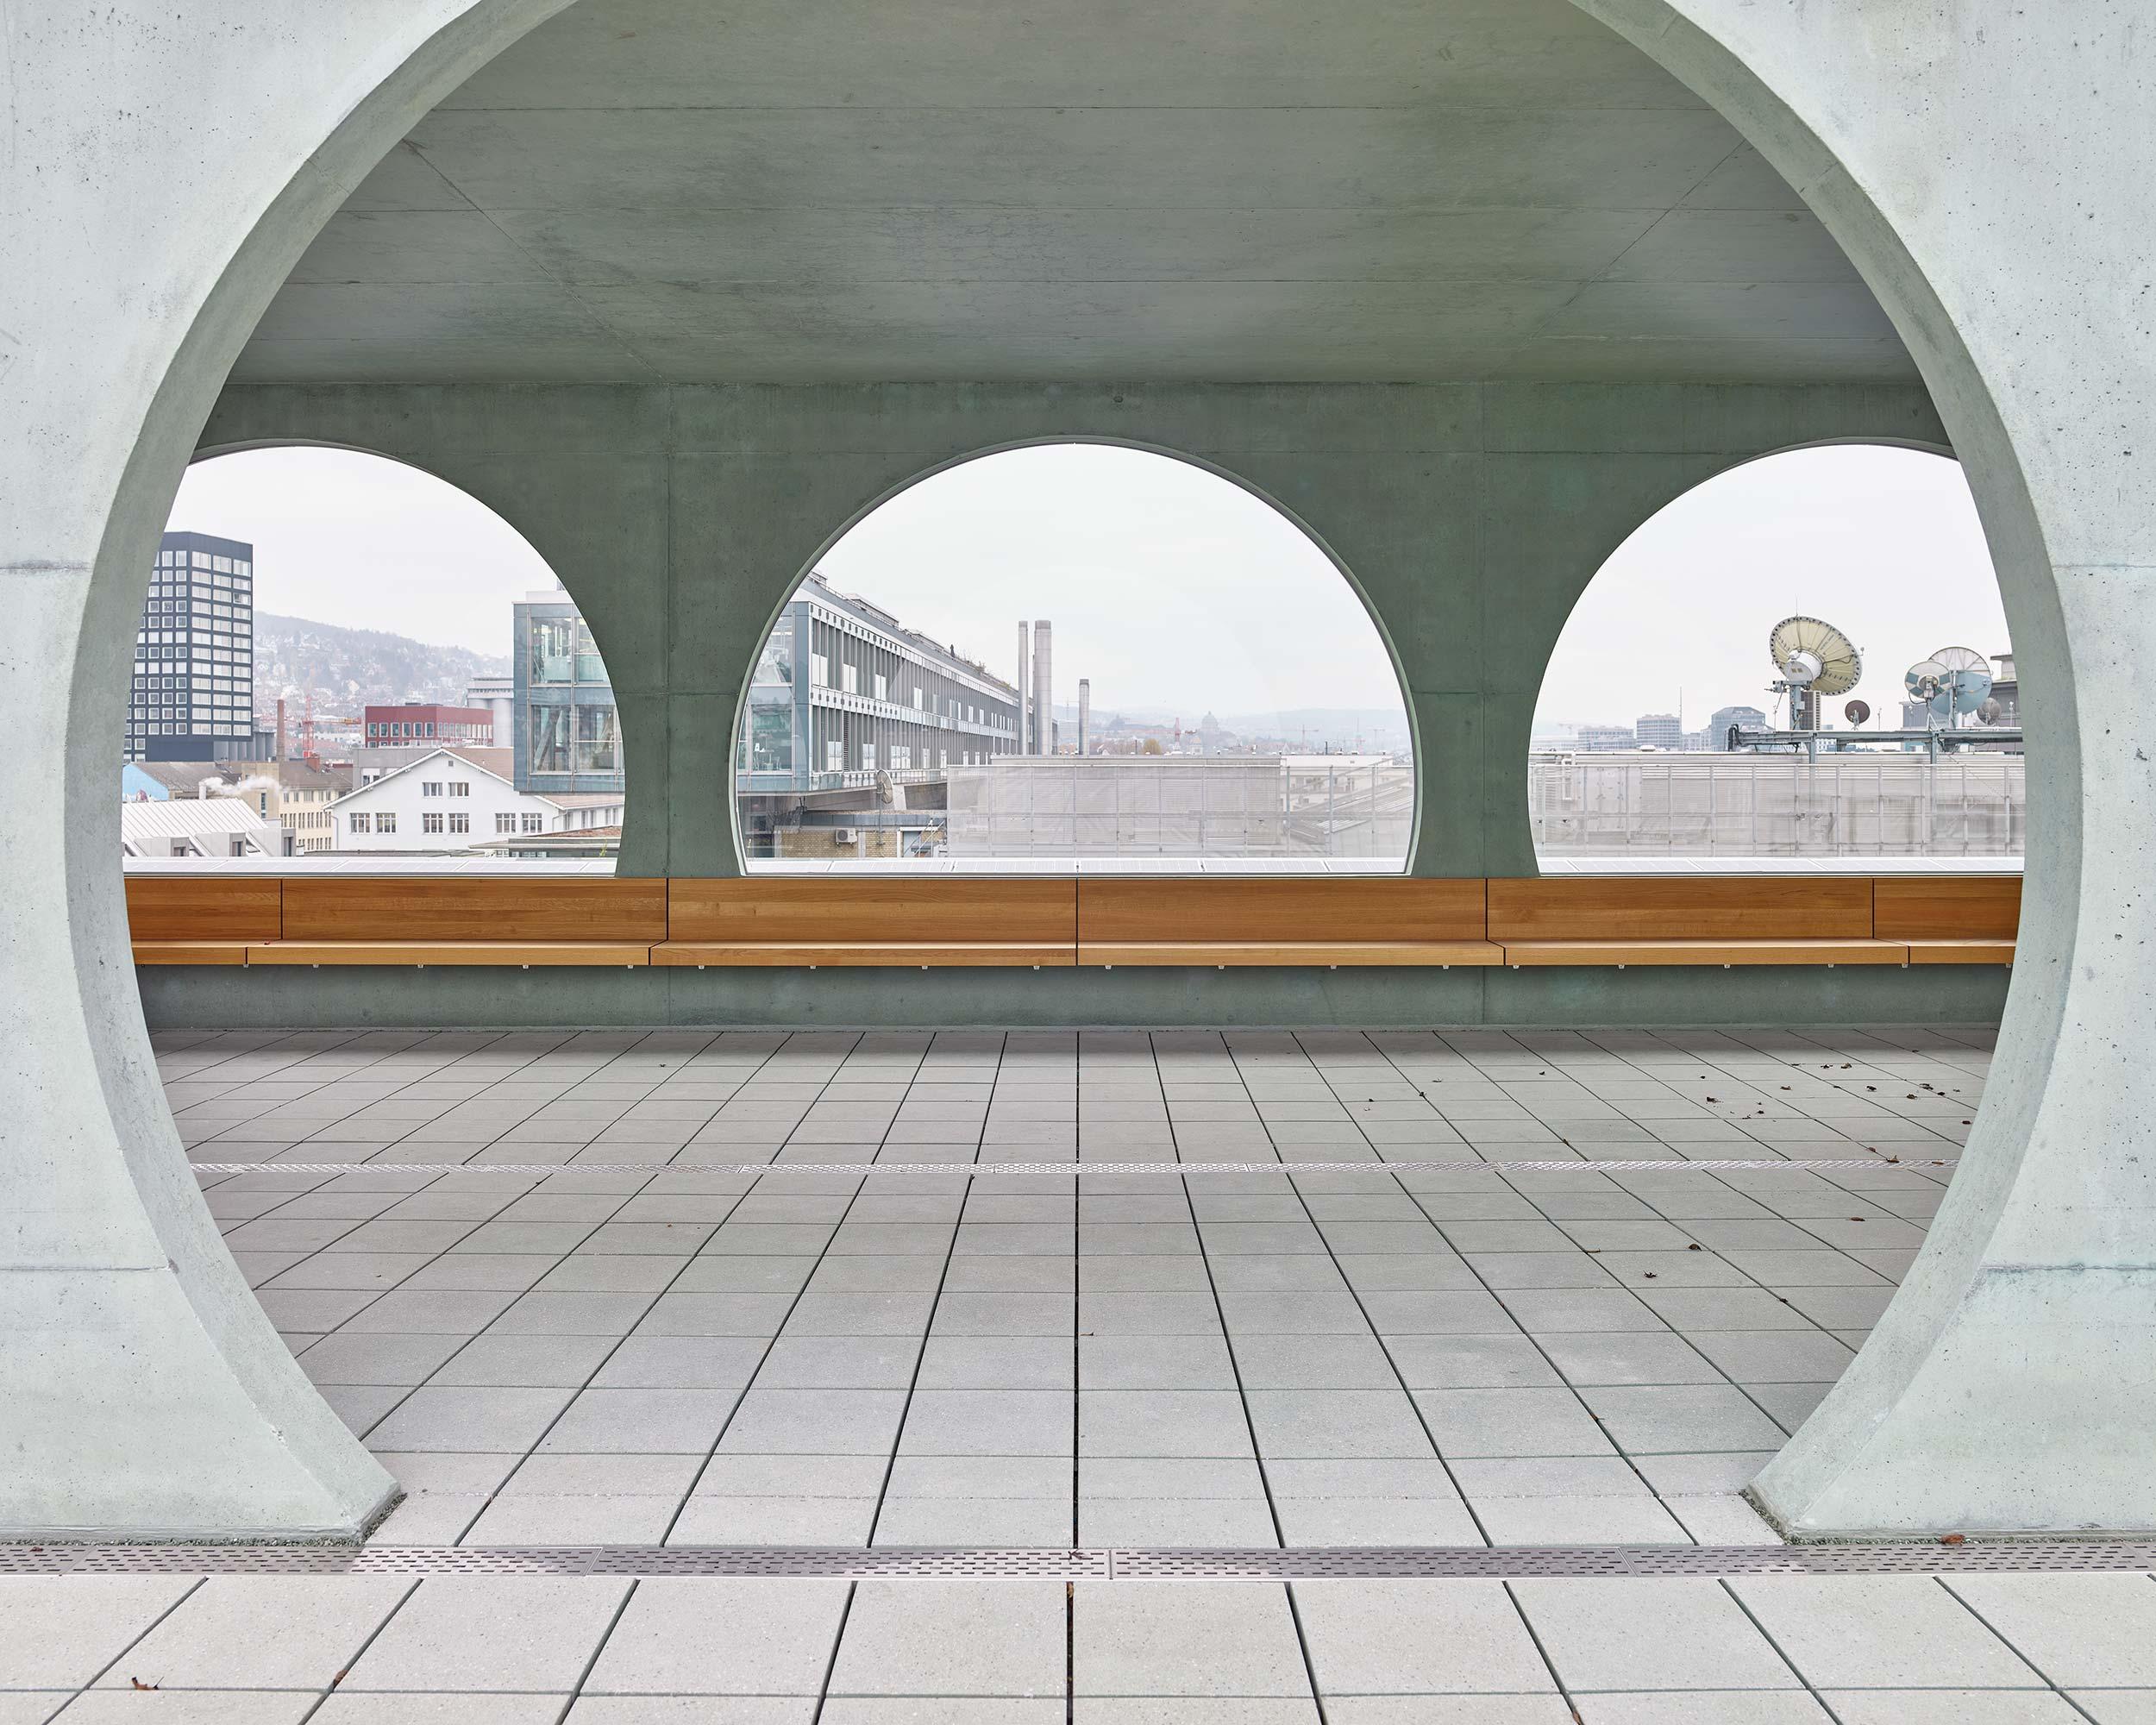 Escher-Wyss-Platz  9/12